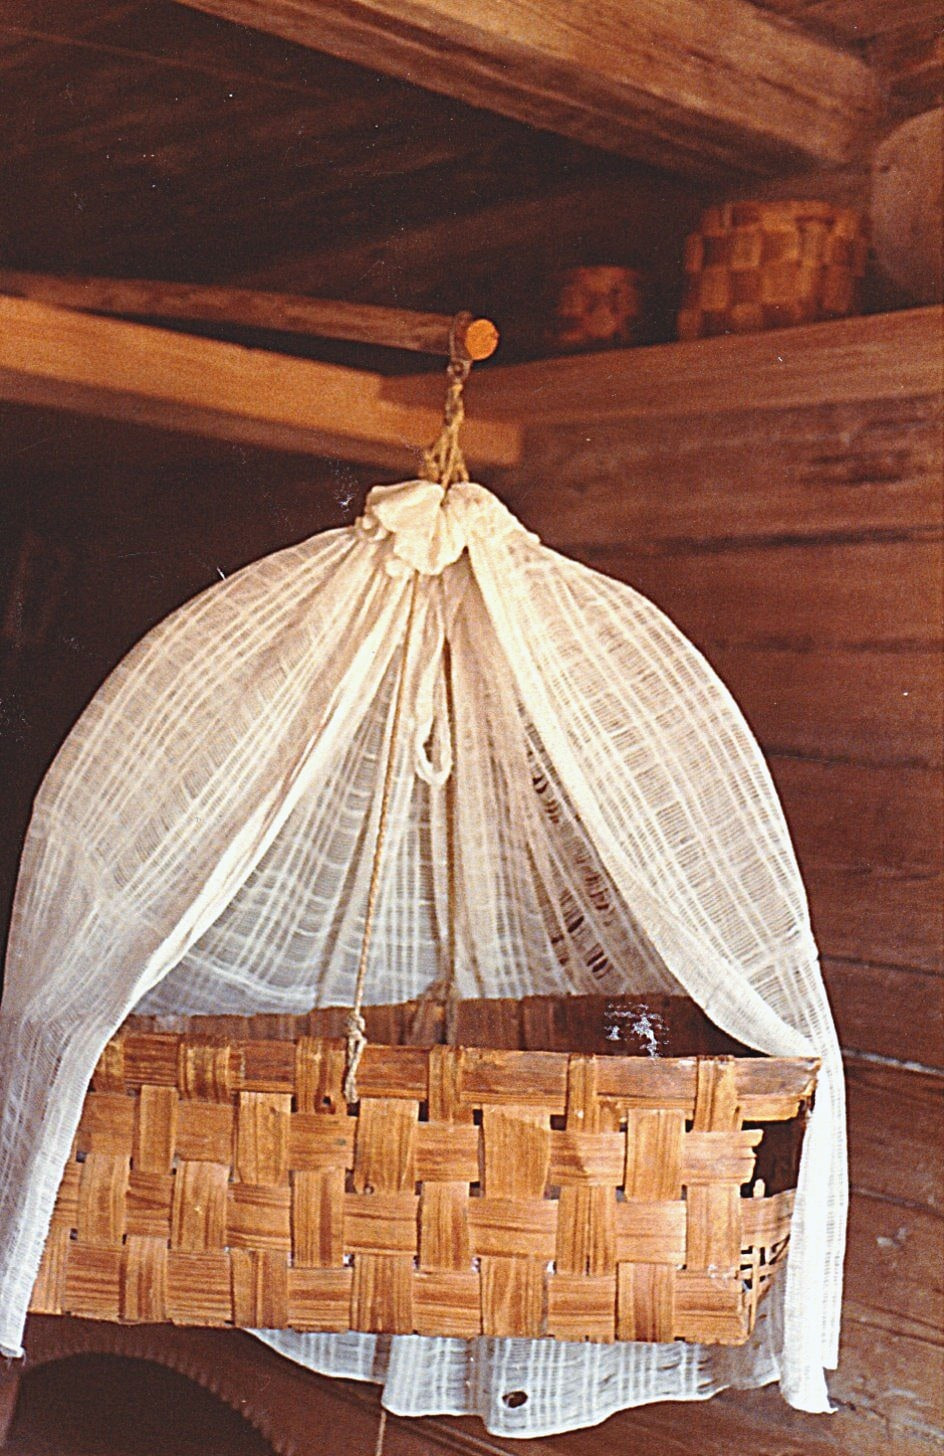 Kinderwunsch, Kinderkorb-Wiege mit Vorhang aufgehängt